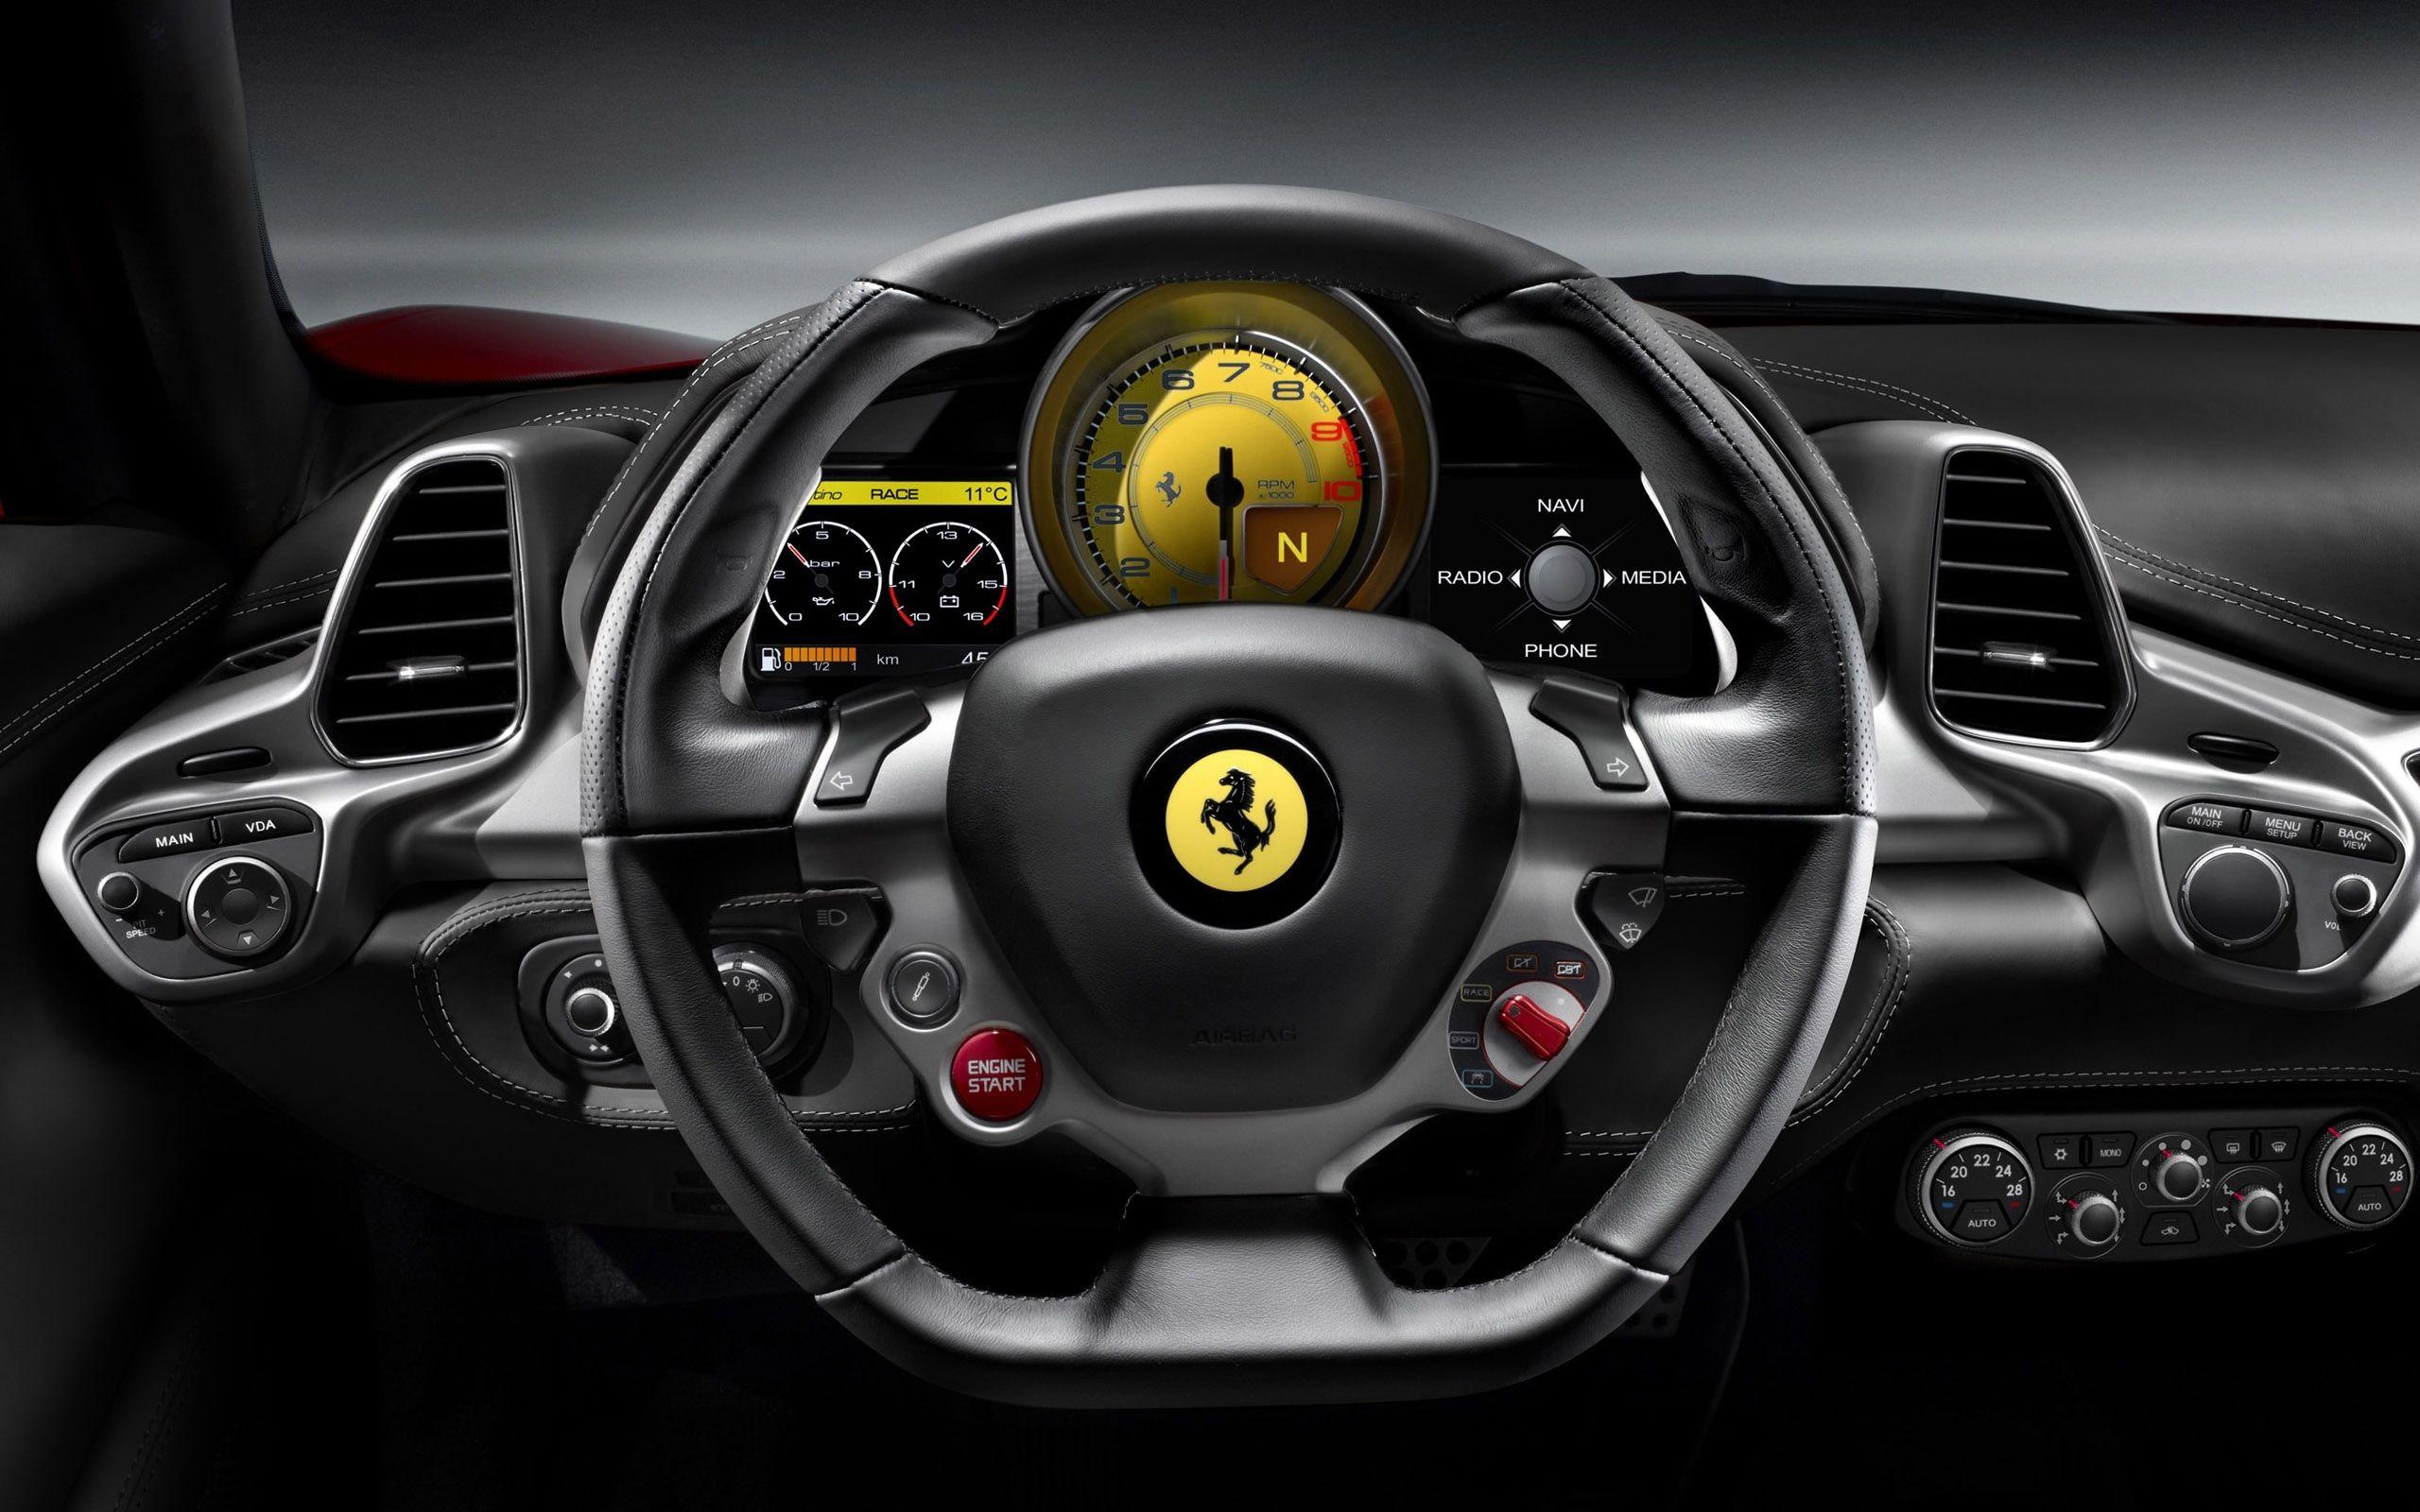 2010 Ferrari 458 Italia Steering Wheel Retina Macbook Pro Wallpaper Ferrari 458 Ferrari Ferrari Italia 458